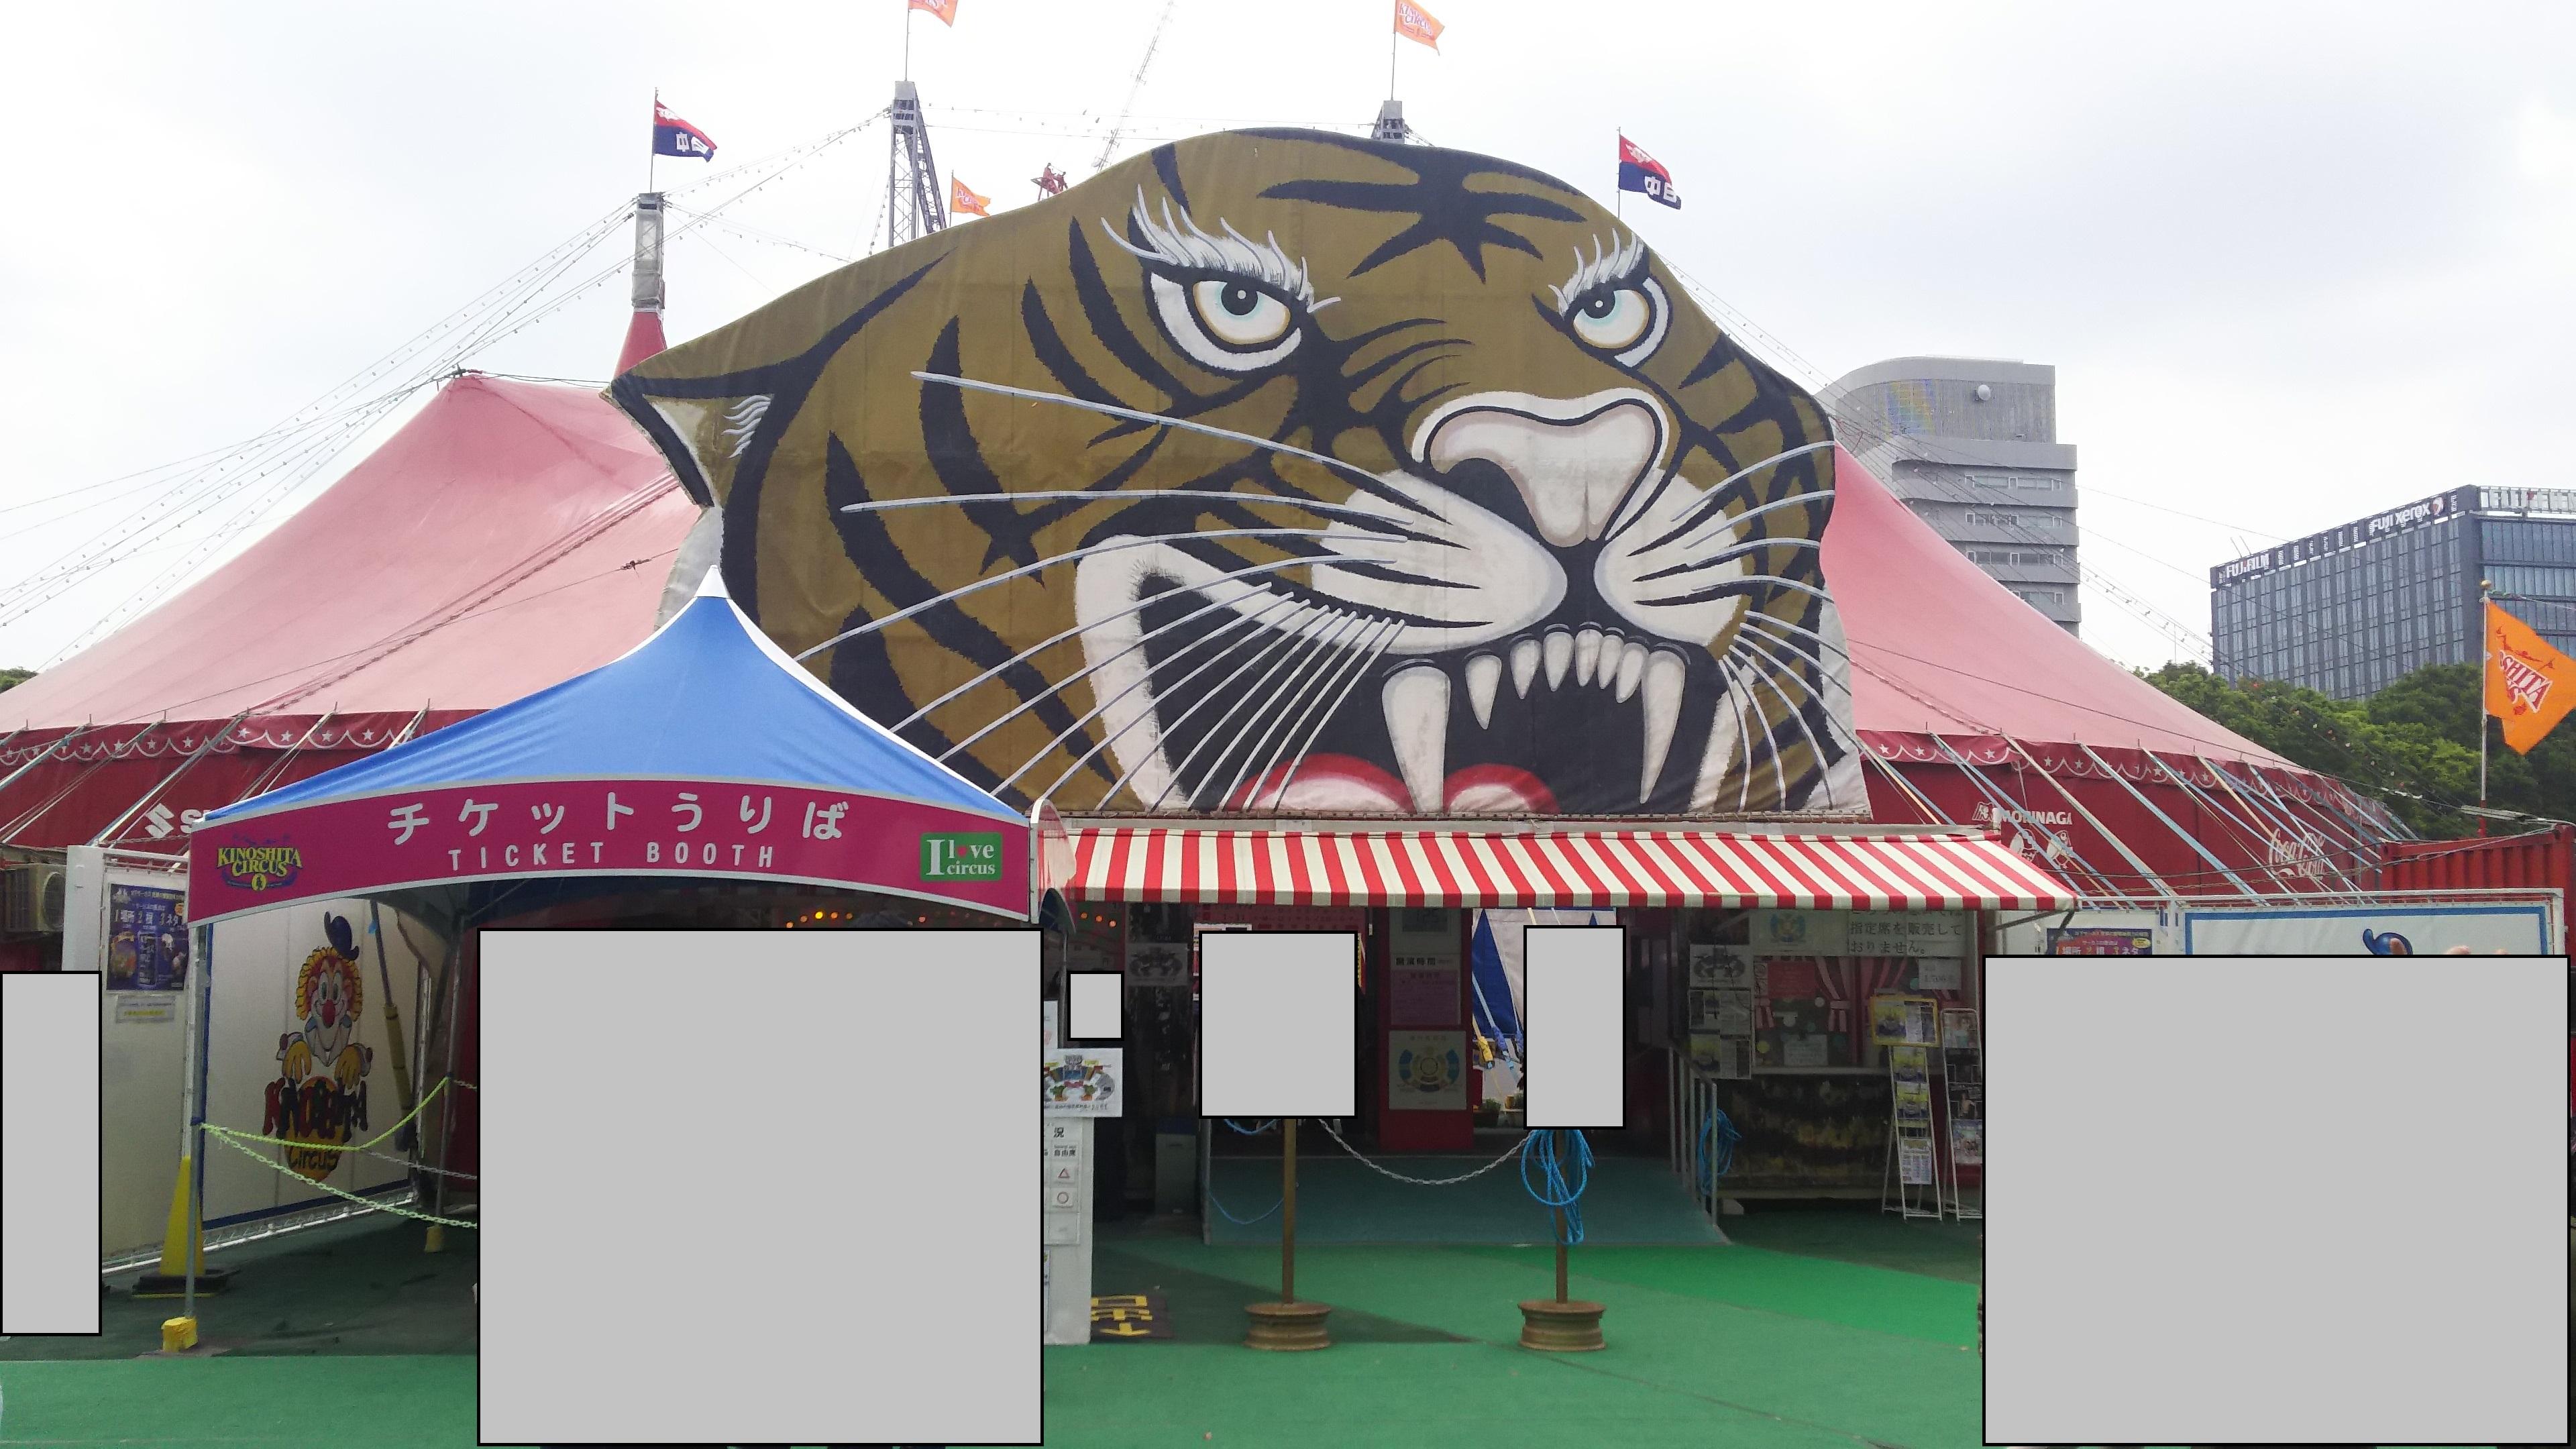 【木下大サーカス】サーカスを見に行った話 / A story I went to see the circus